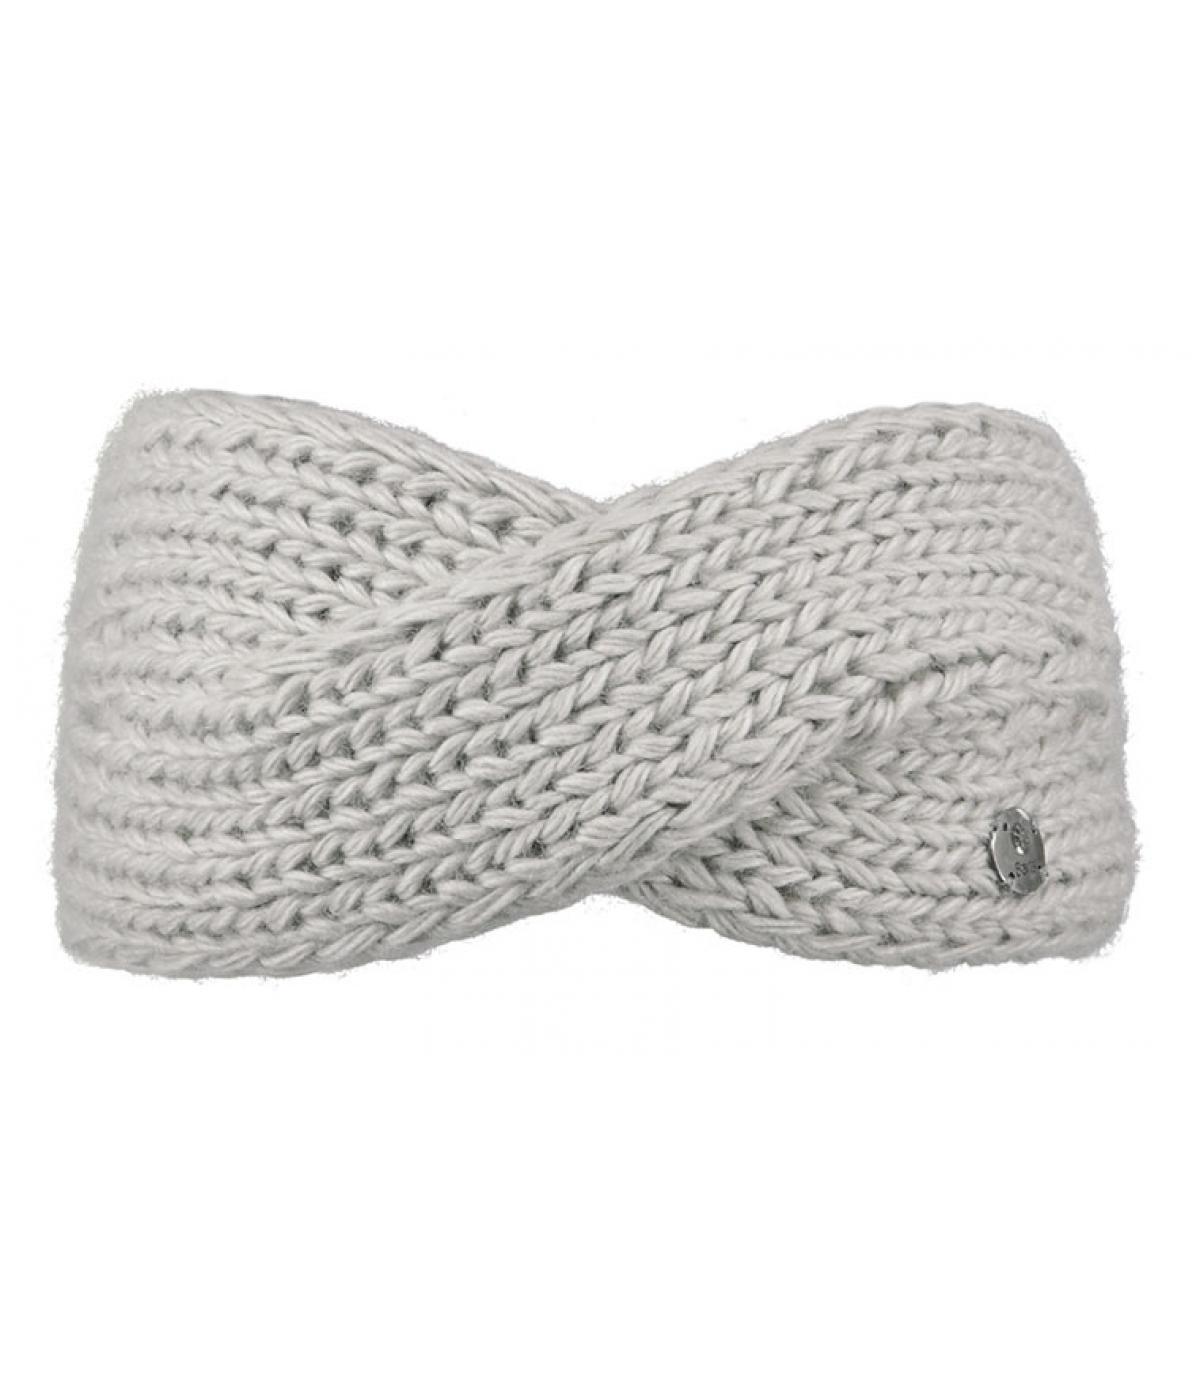 Detalles Yogi Headband oyster imagen 2